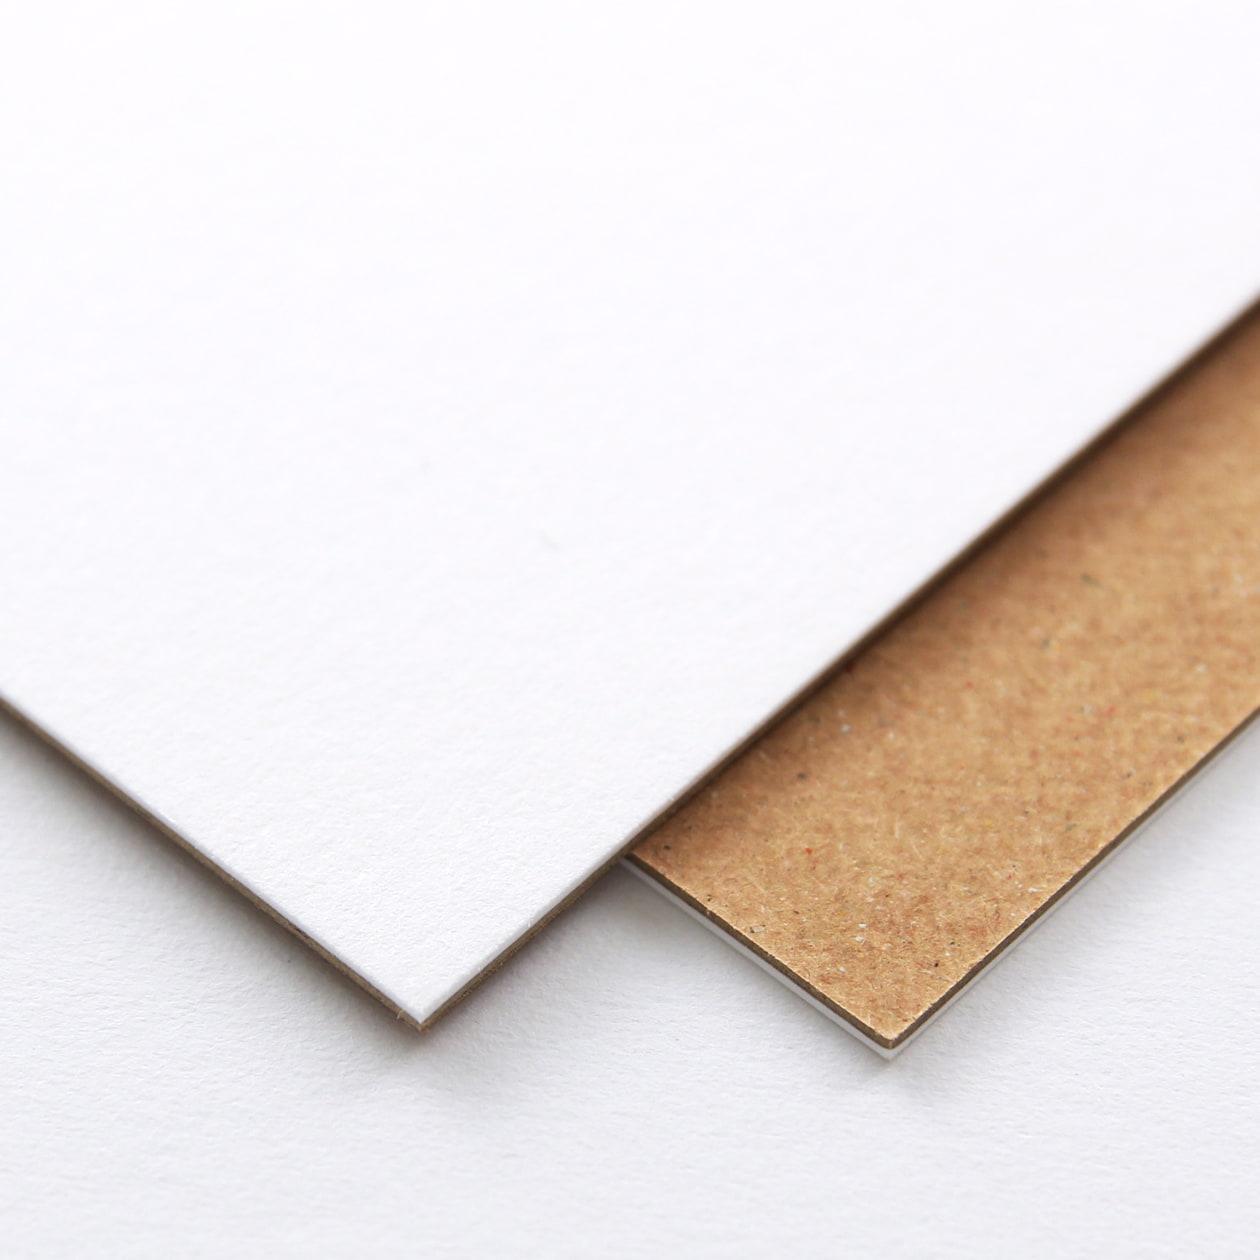 ネームカード 二層合紙 スノーホワイト×ブラウン 798.8g